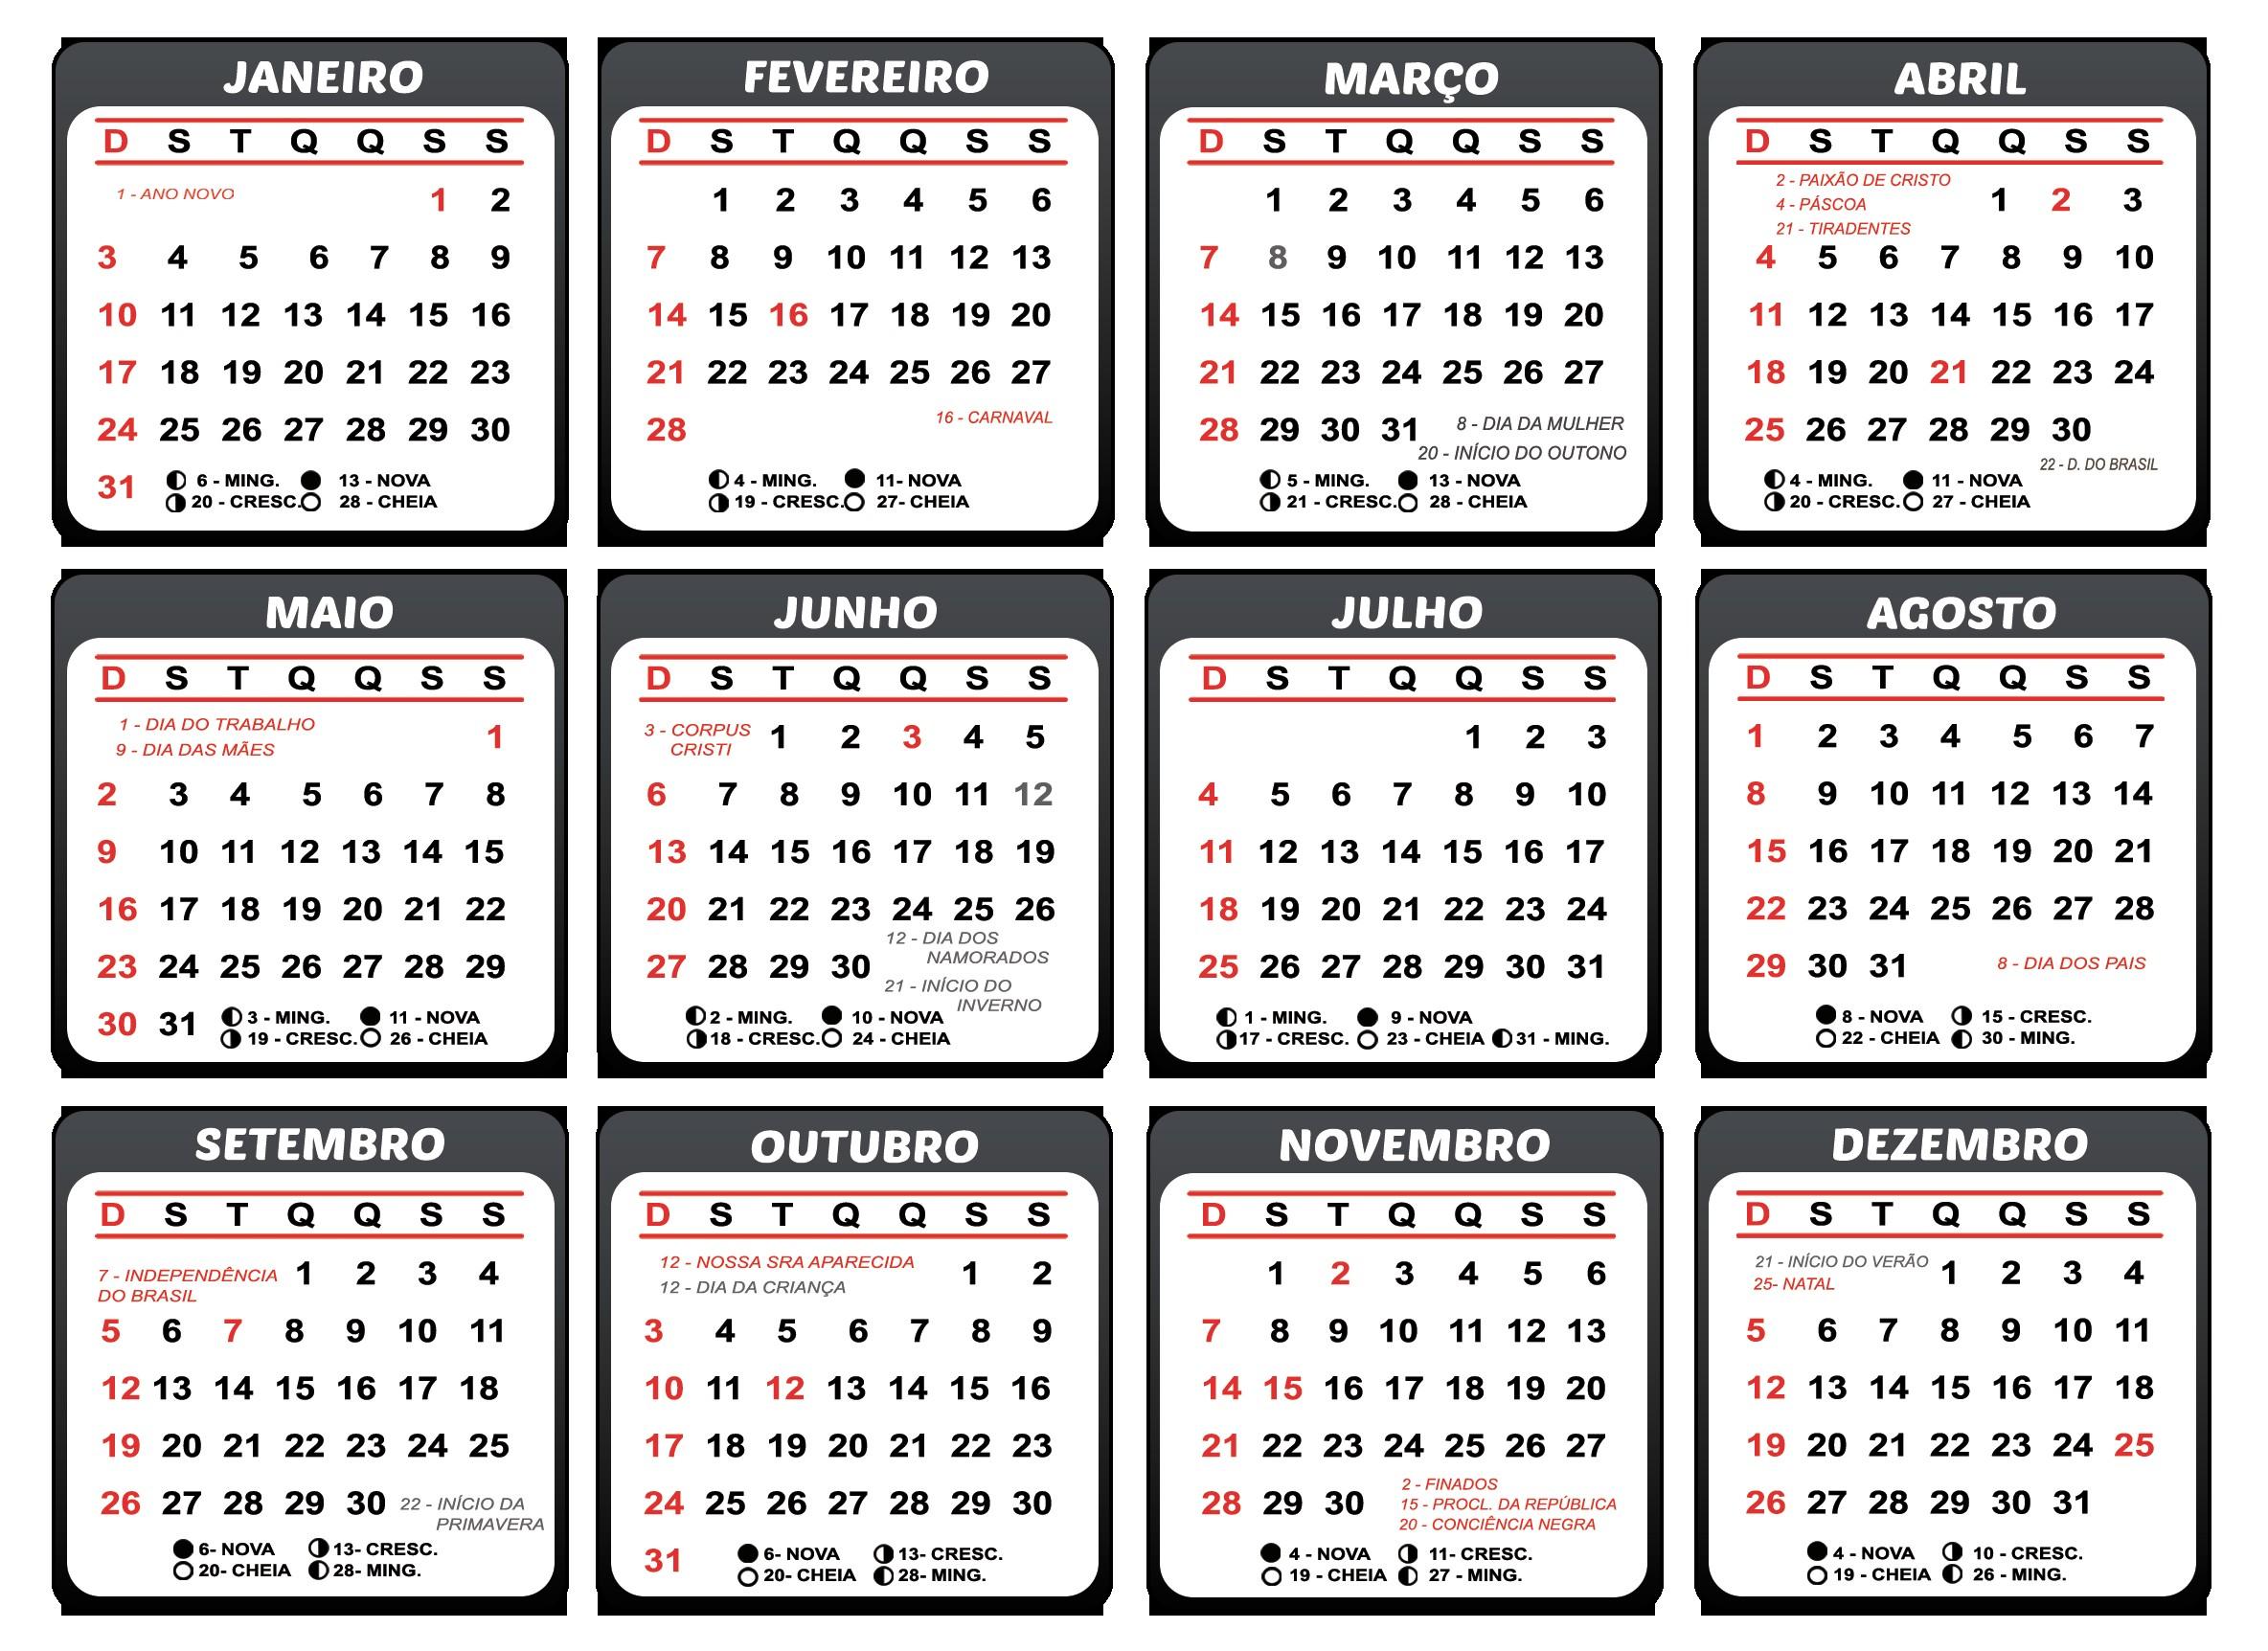 gabarito de calendario 2021 para impressao